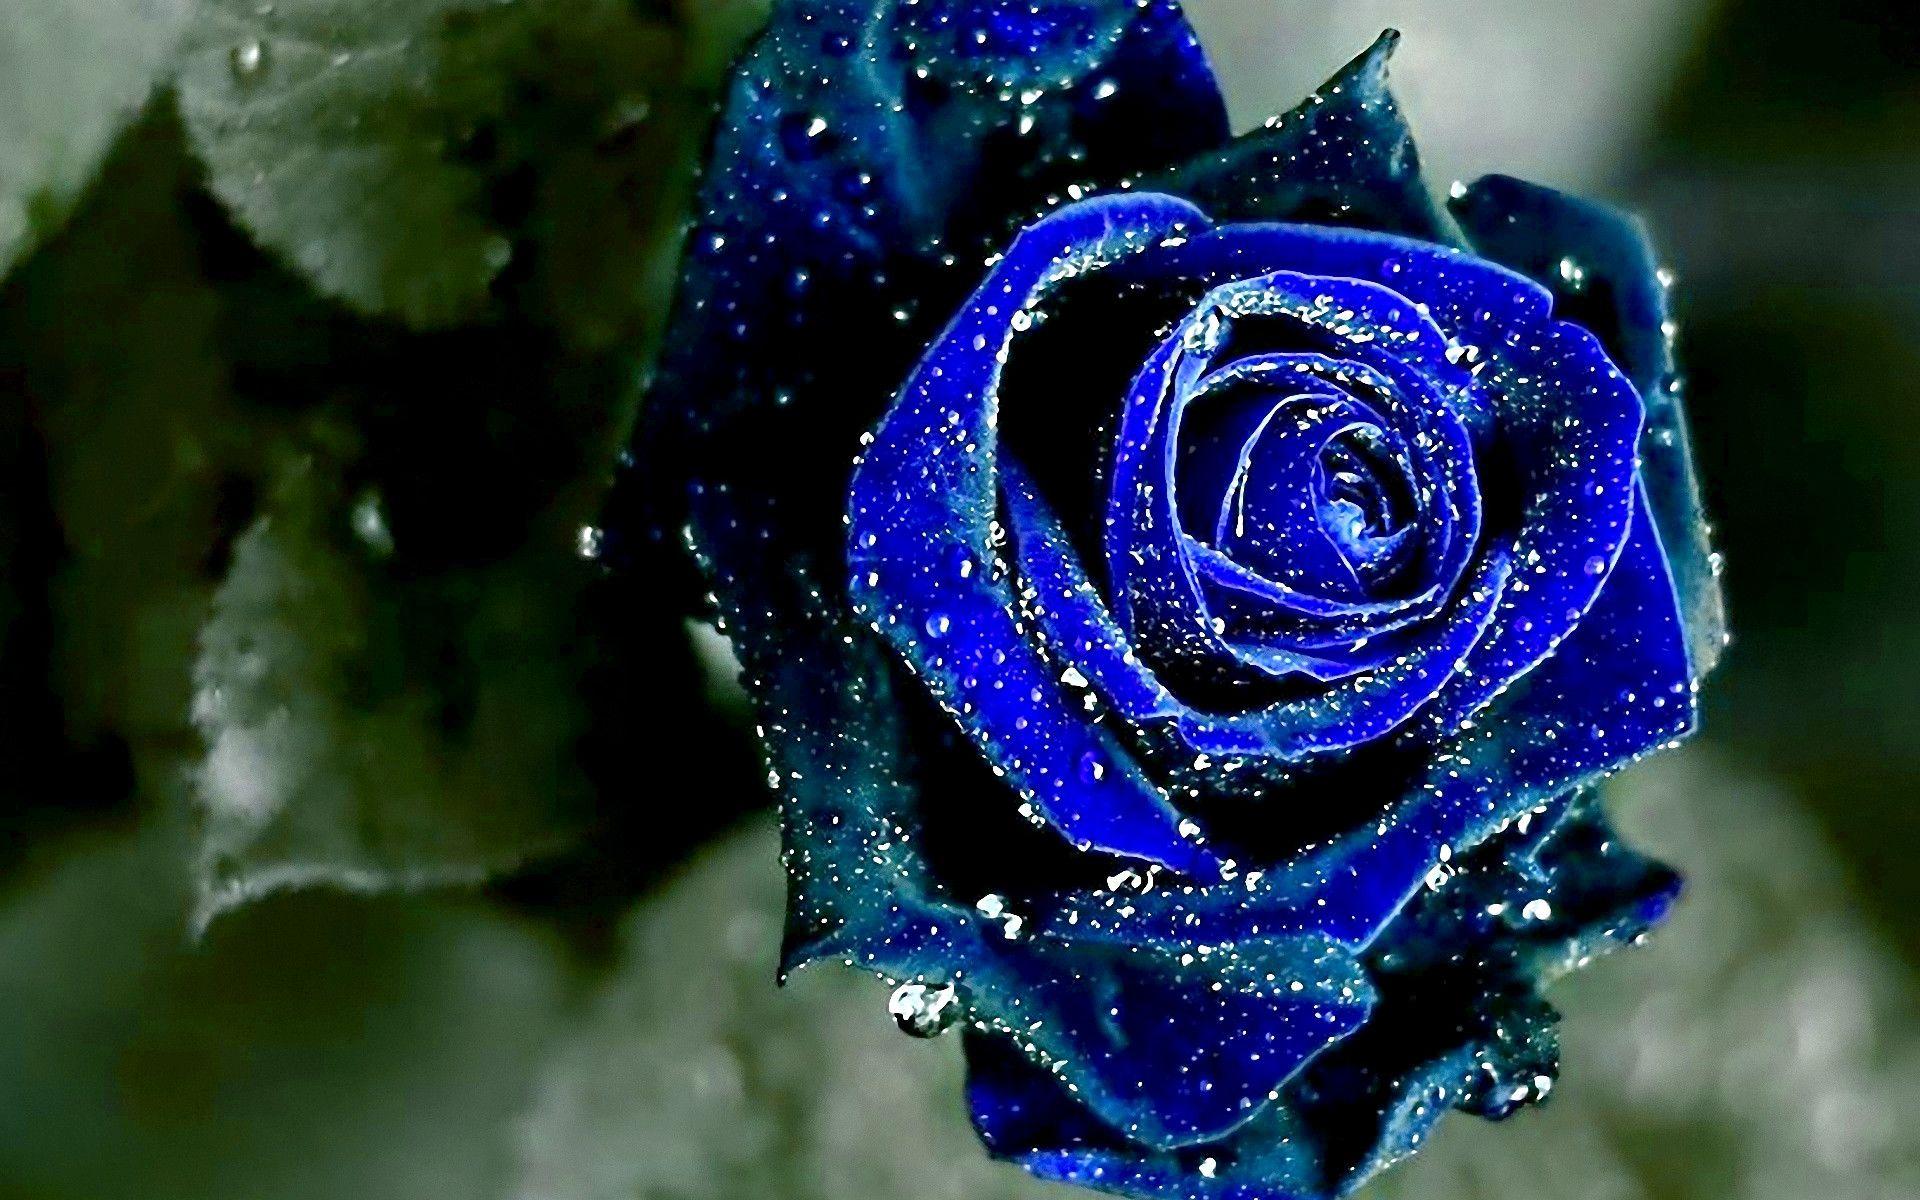 hinh anh hoa hong xanh 6